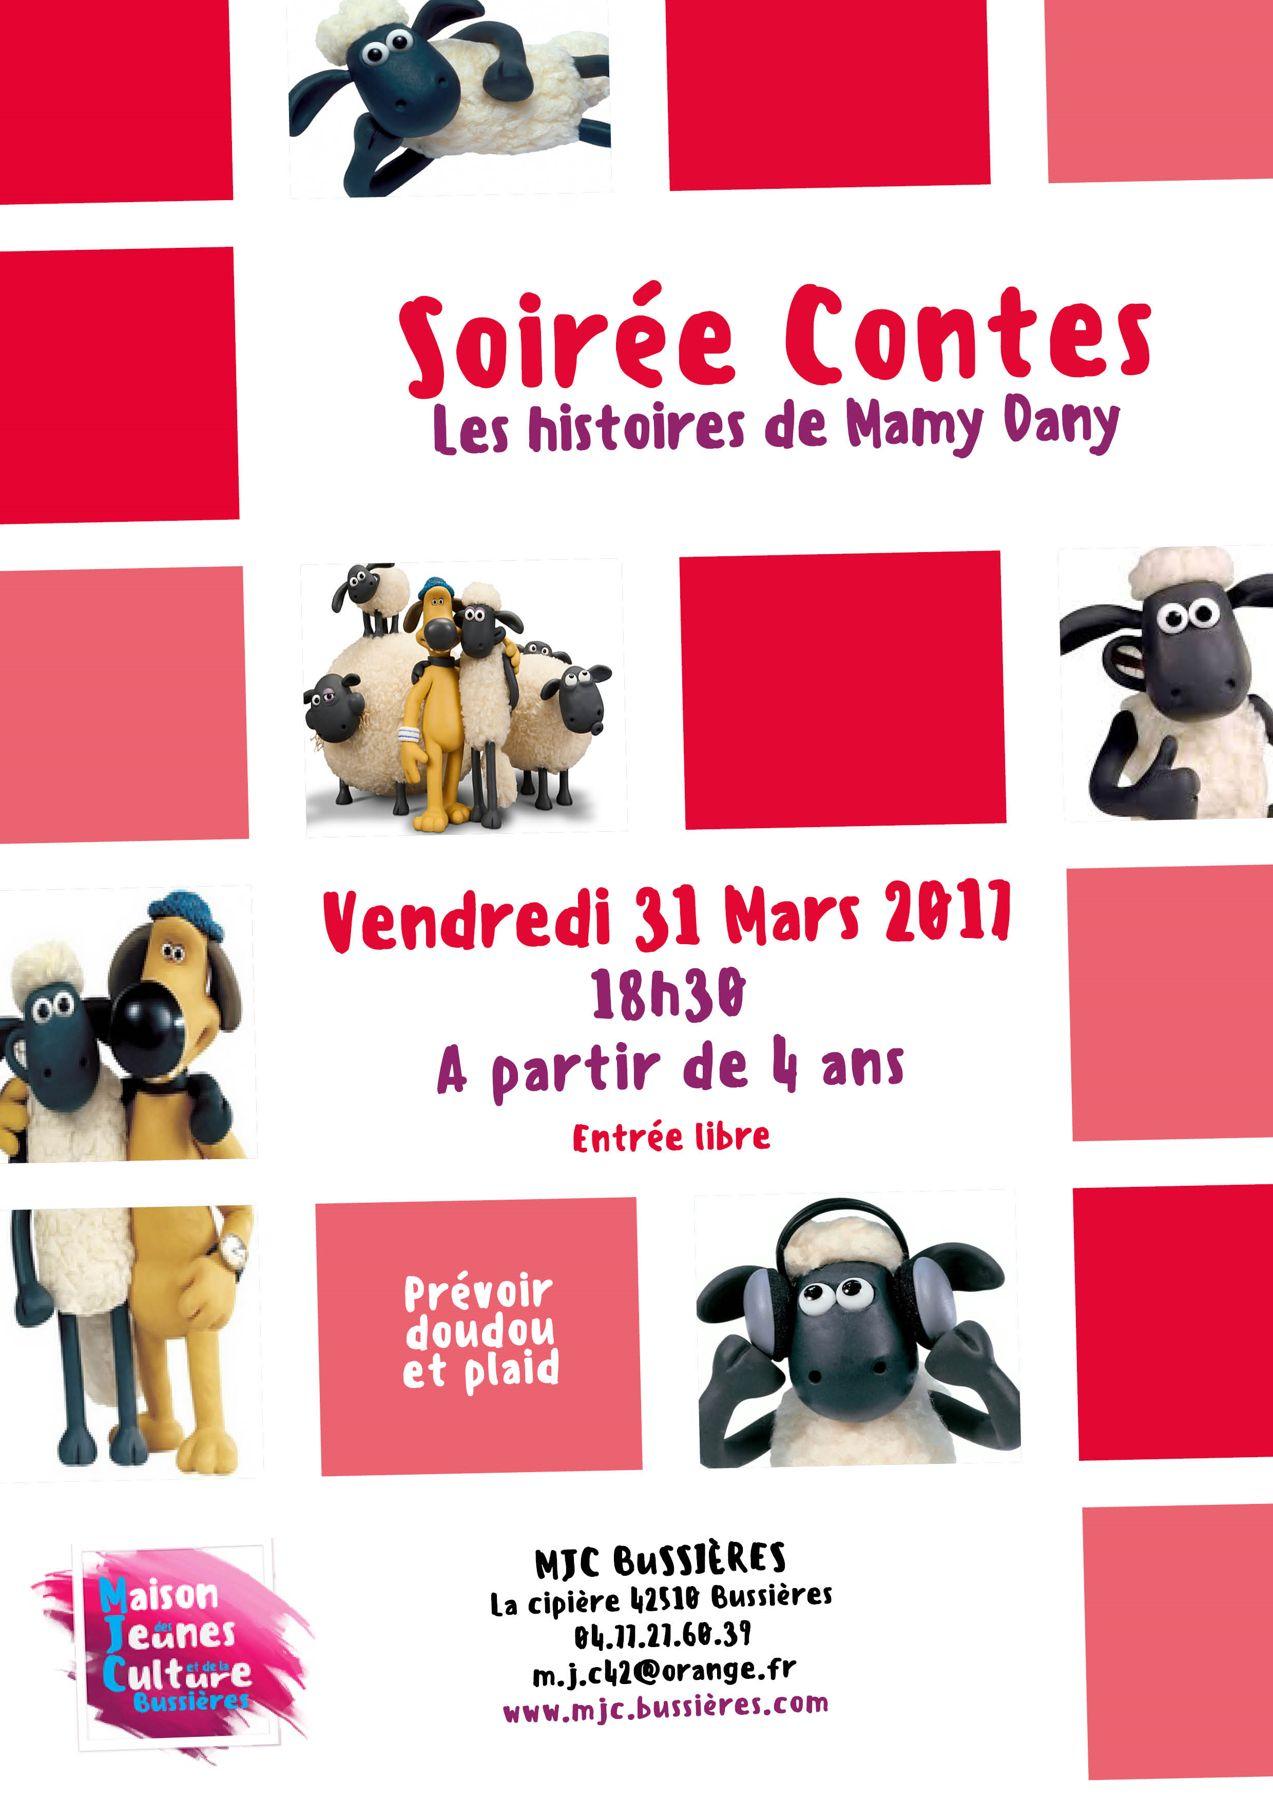 Soirée Contes - Racontée par Mamy Dany